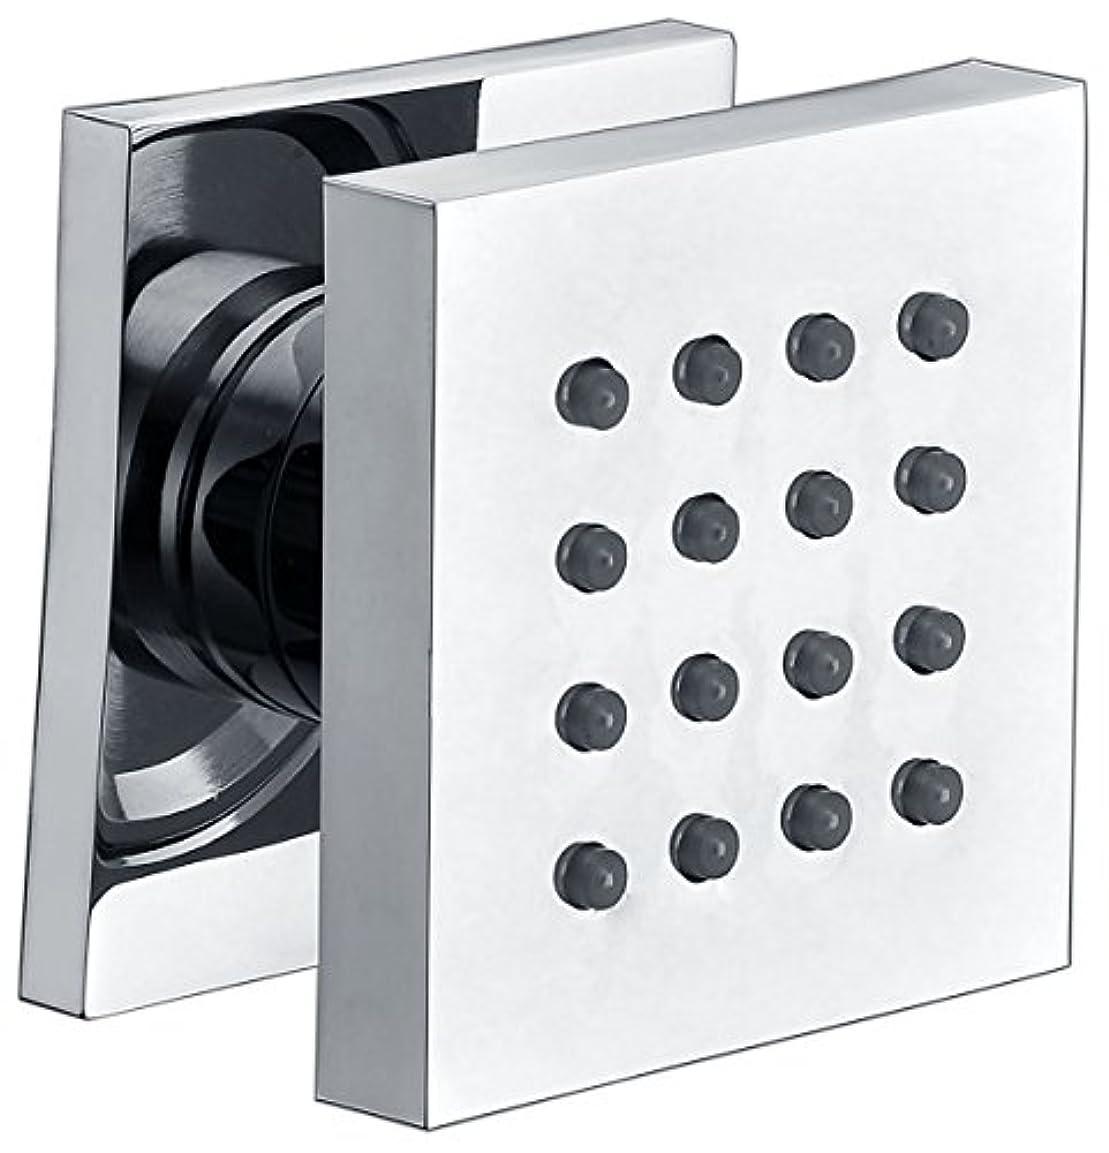 財政頑丈委員長Alfiブランドab4501モダン正方形調整可能シャワーボディスプレー AB4501-PC 1